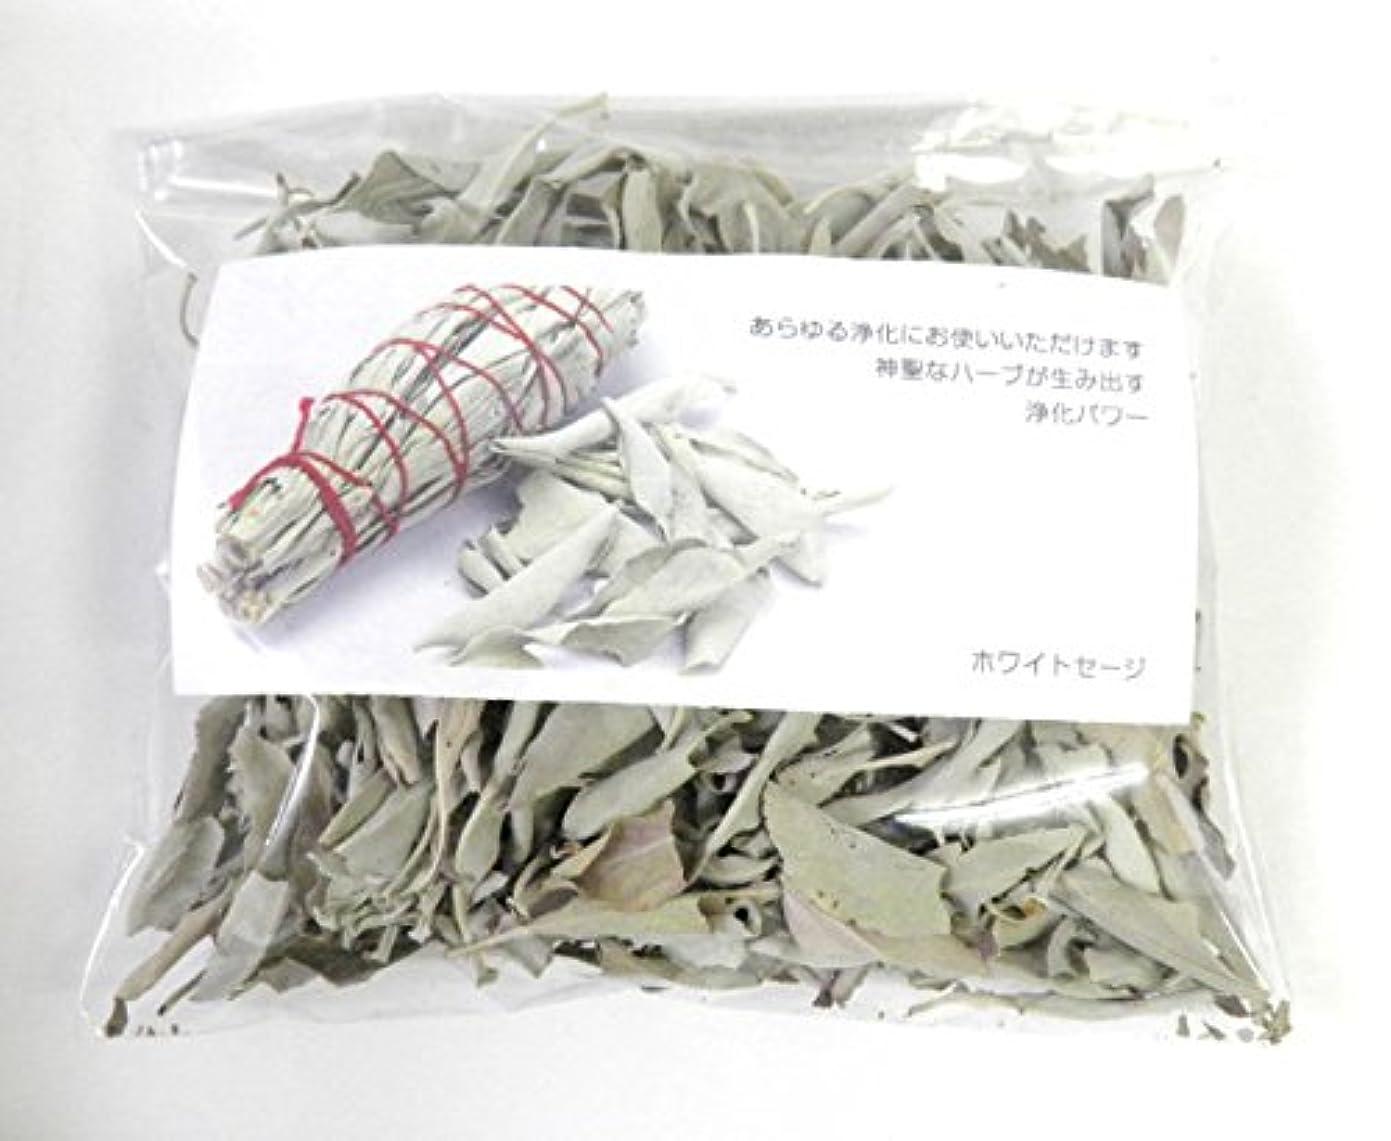 ホワイトセージ リーフのみ 約50g 浄化用 オーガニック 無農薬 お香 プロ用 パワーストーン